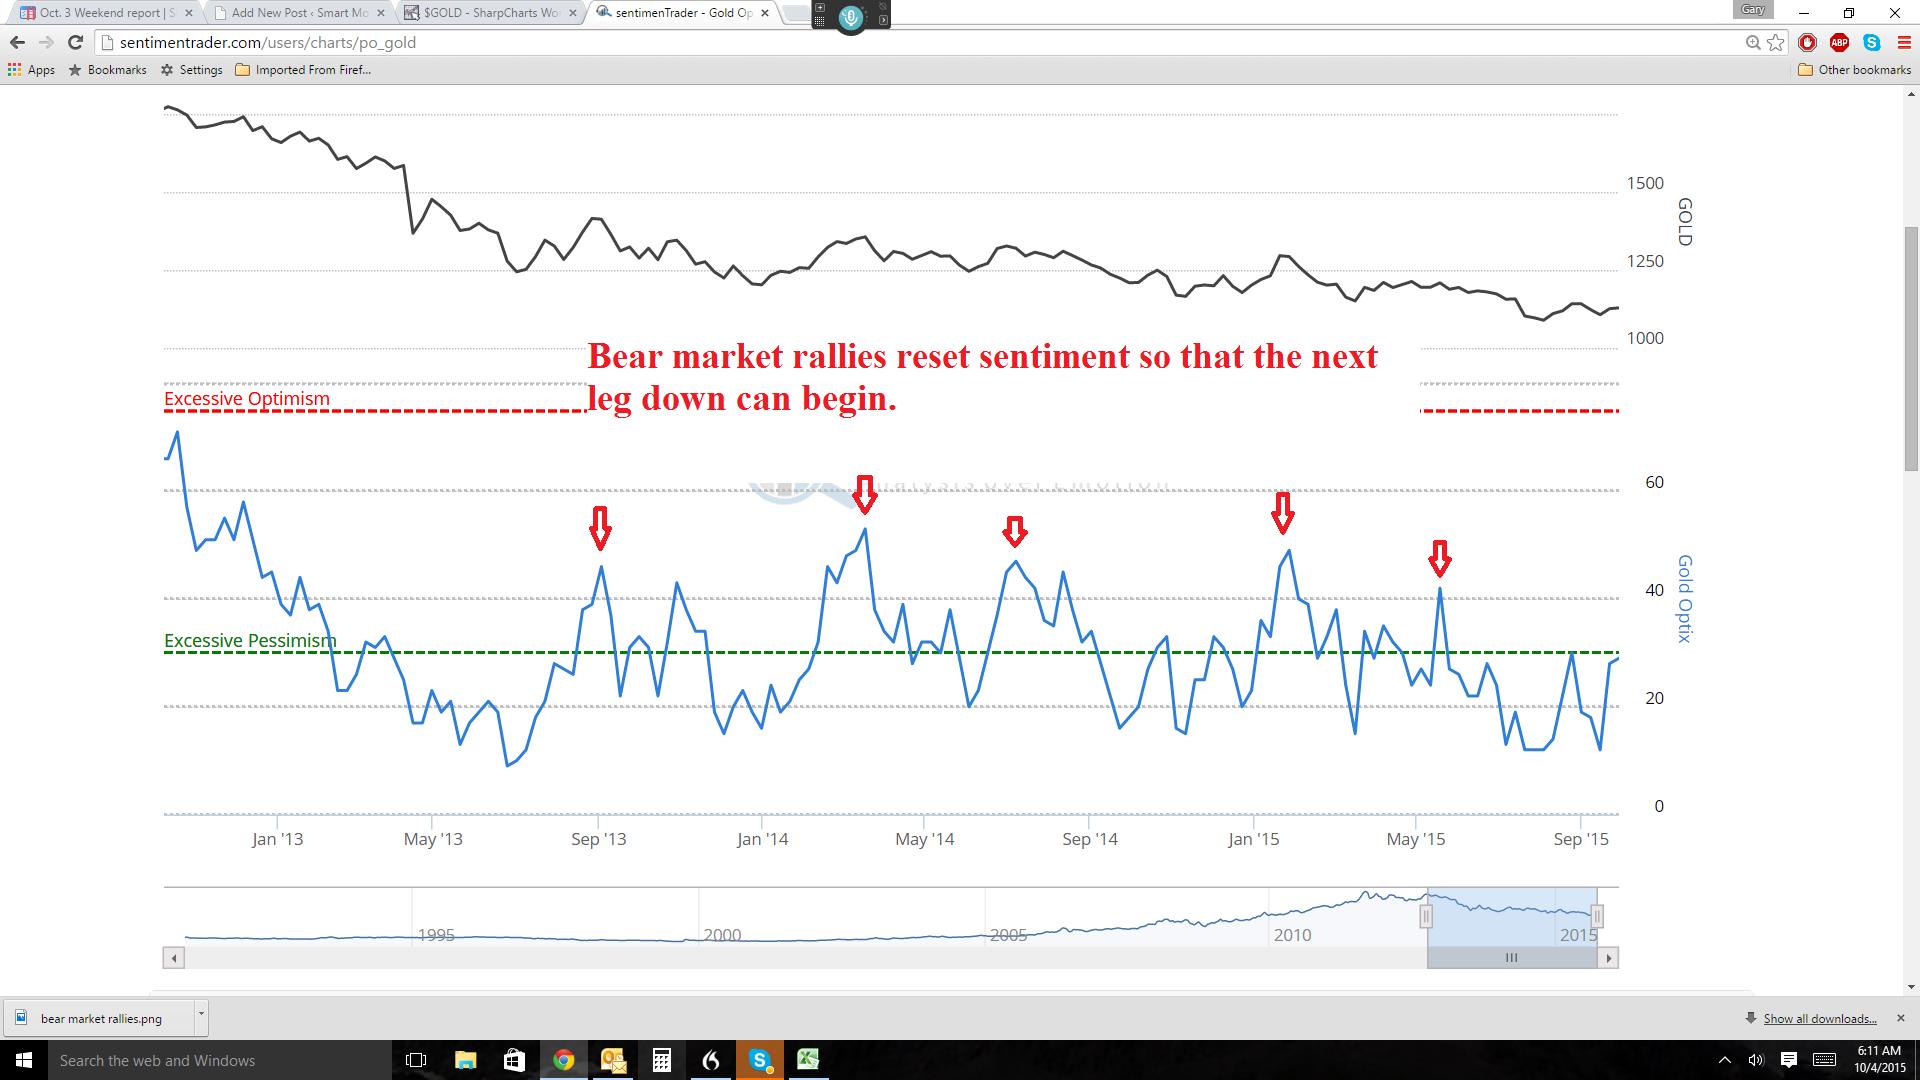 bear market rallies sentiment